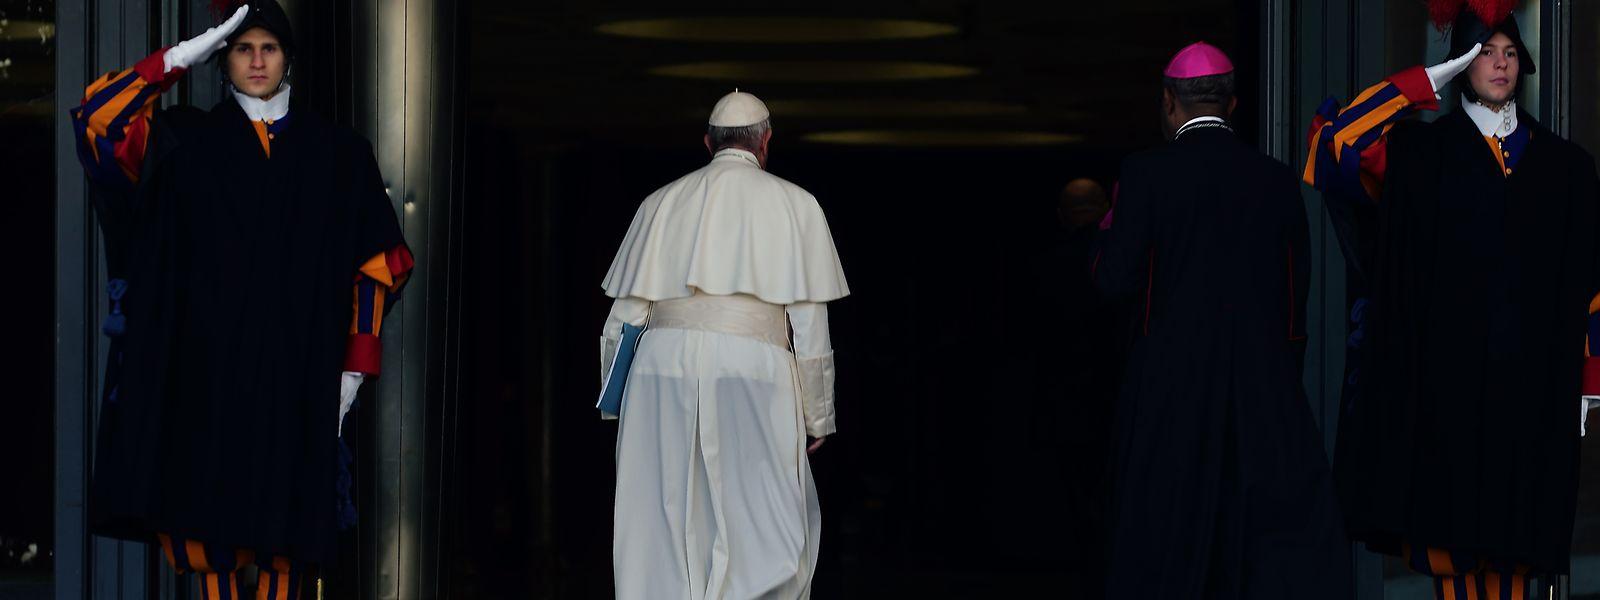 Bei der Privataudienz habe sich der Papst bei den beiden stellvertretend für alle Schweizer Opfer sexueller Übergriffe durch Geistliche entschuldigt.